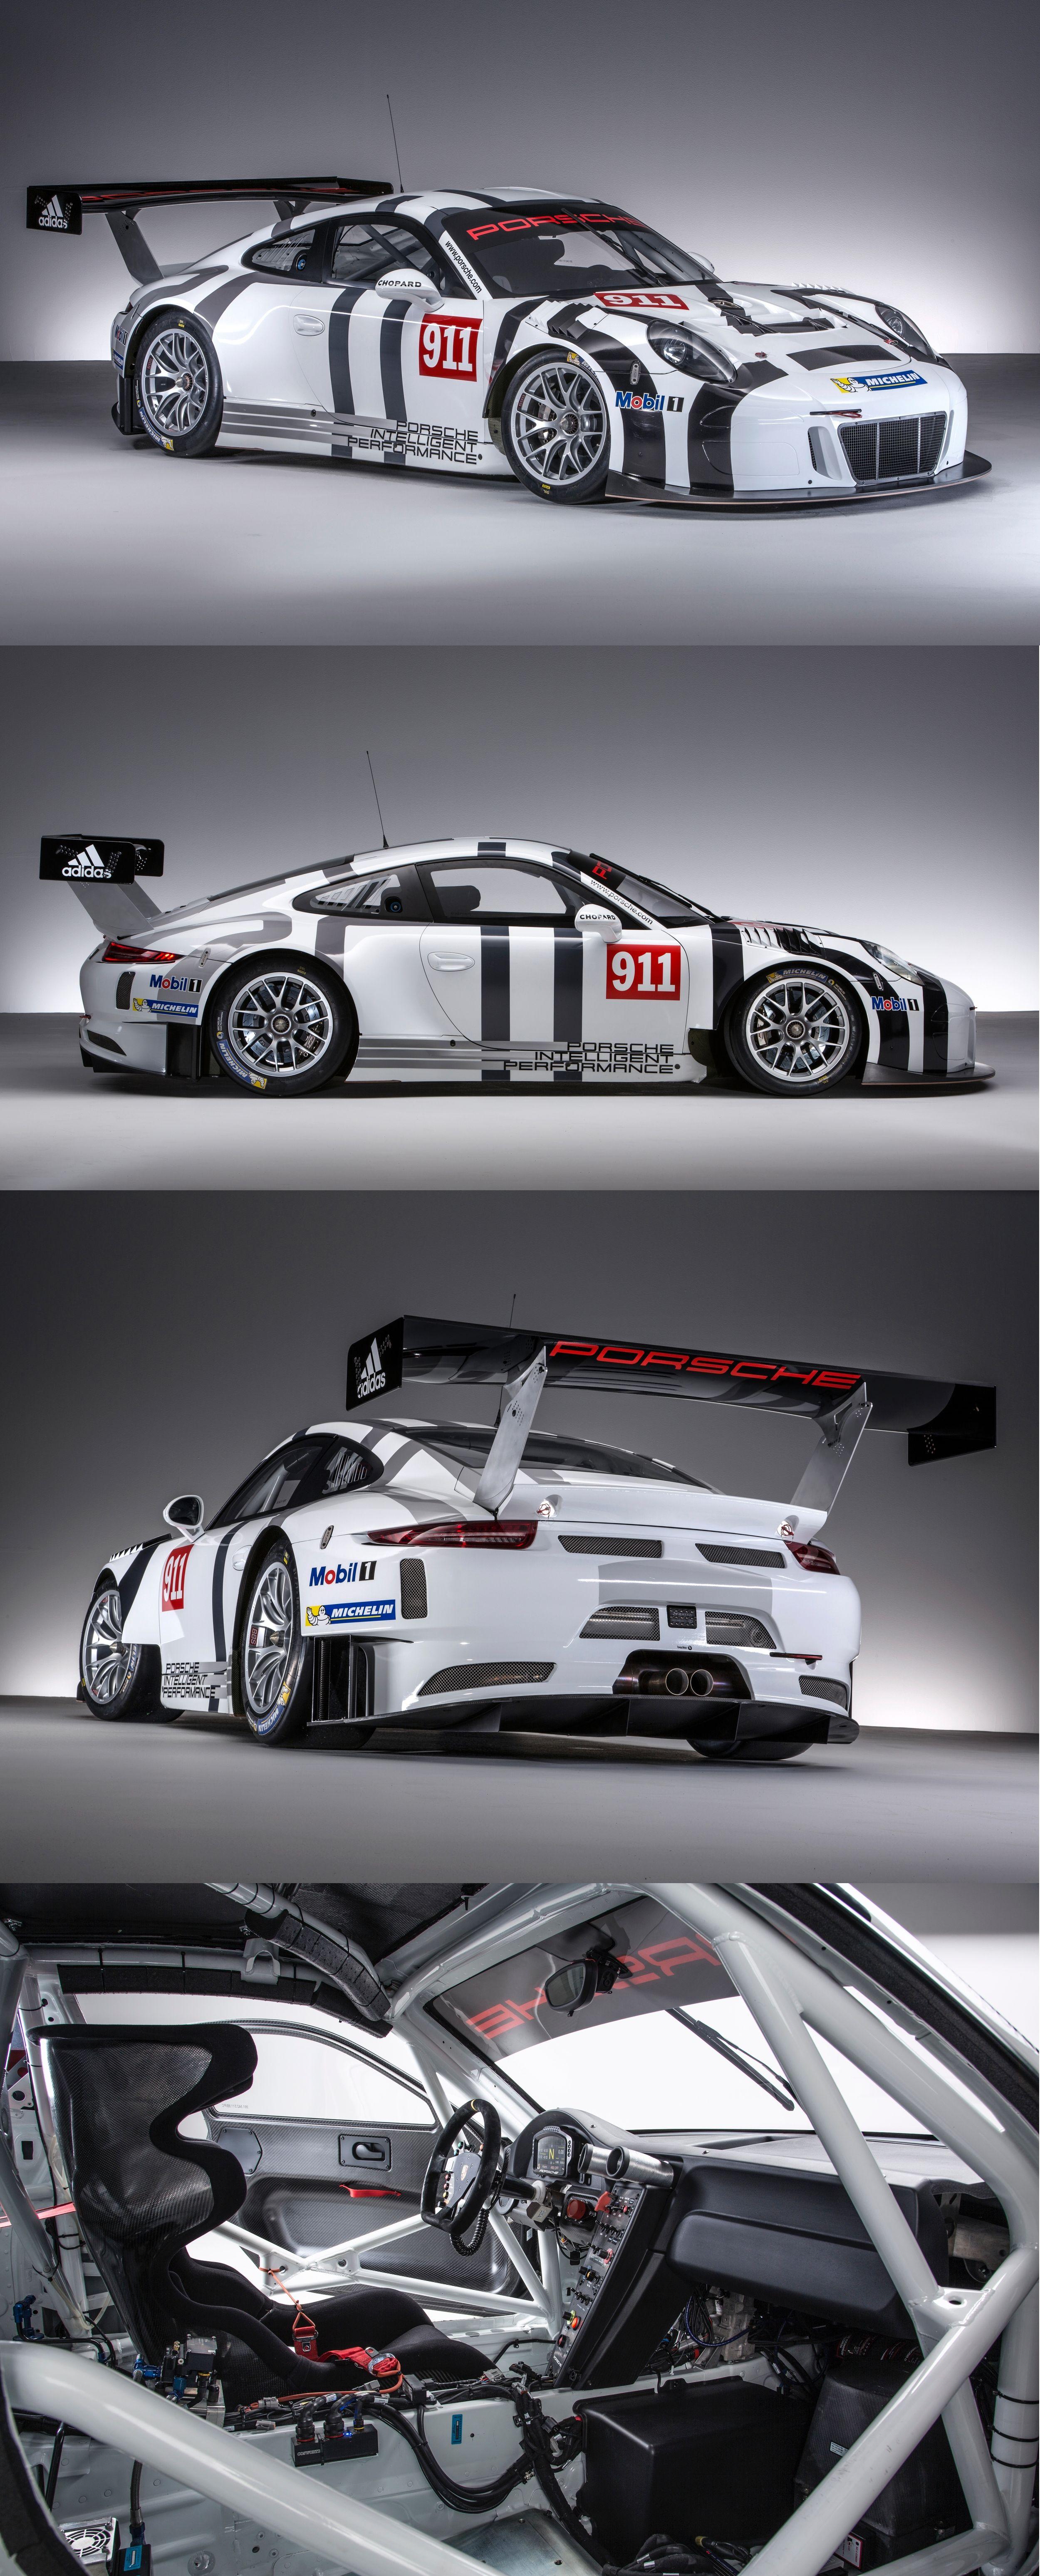 1f5cb62c85cb257334ab8b686f21fd74 Wonderful 1998 Porsche 911 Gt1 Specs Cars Trend